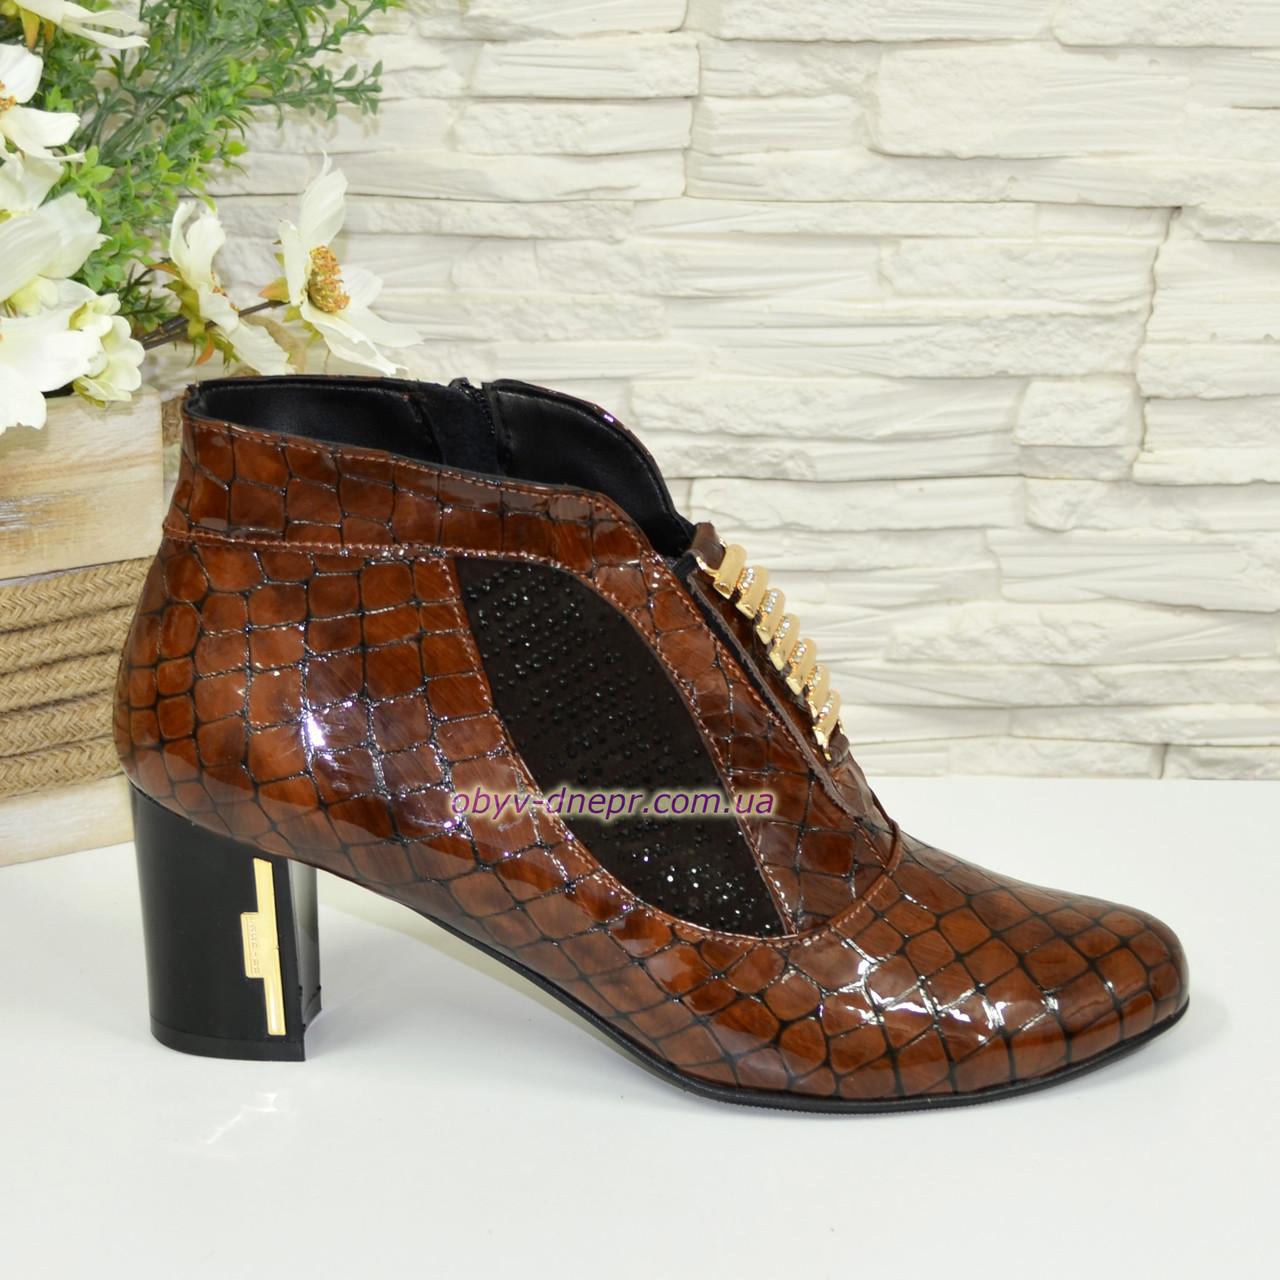 Стильные женские   ботинки, декорированы стразами и фурнитурой, кожа крокодил